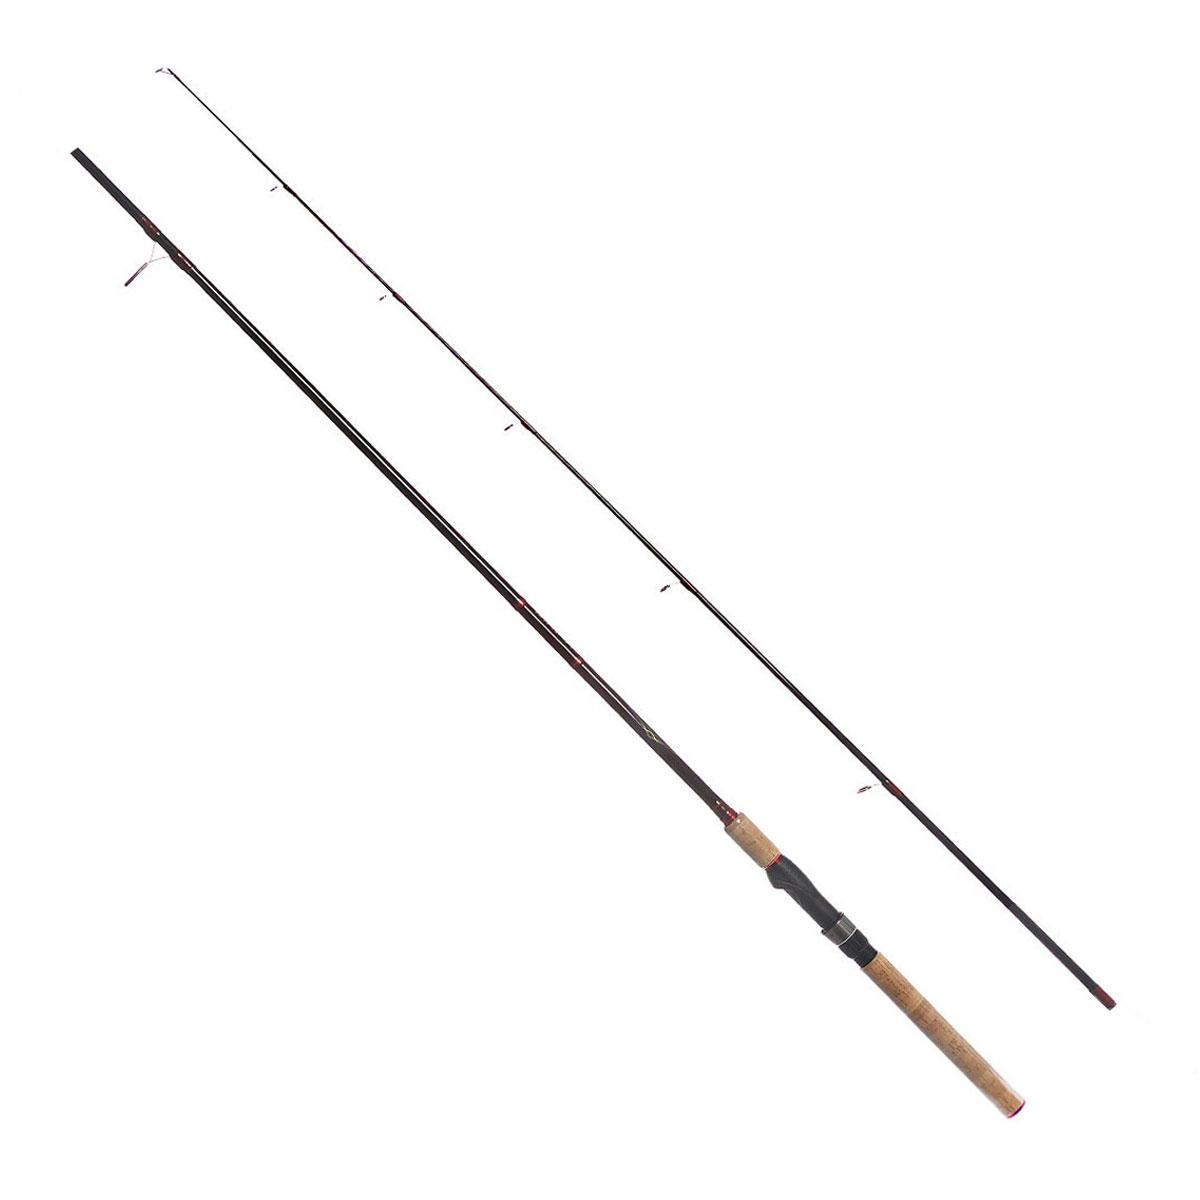 Удилище спиннинговое Daiwa Vulcan-AR, штекерное, цвет: черный, 2,13 м, 3,5-12 г